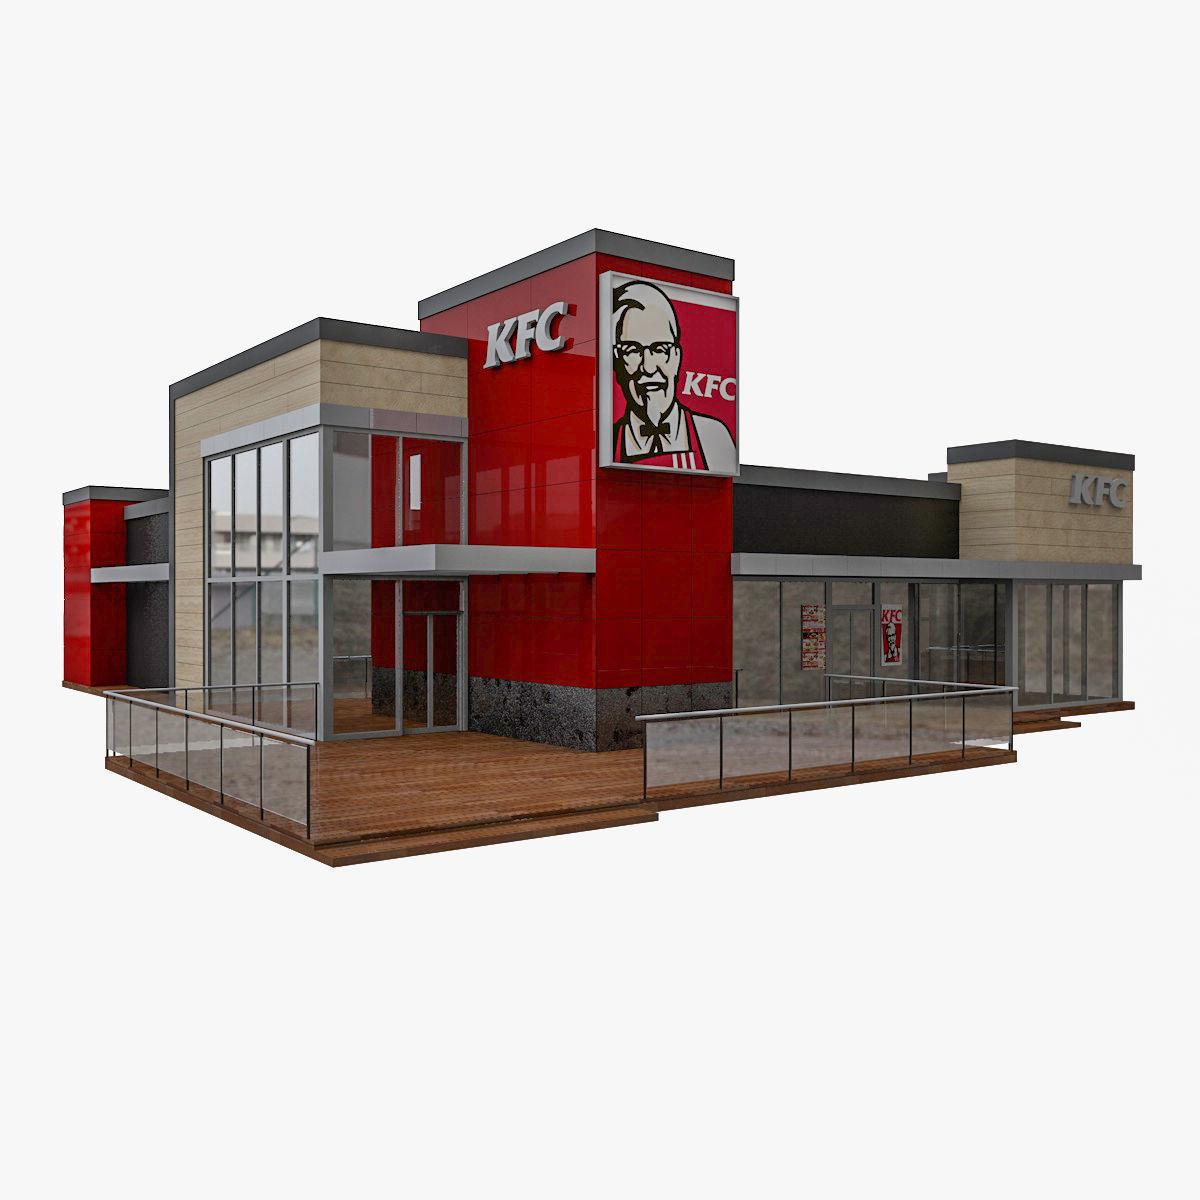 KFC 2-Storey Restaurant